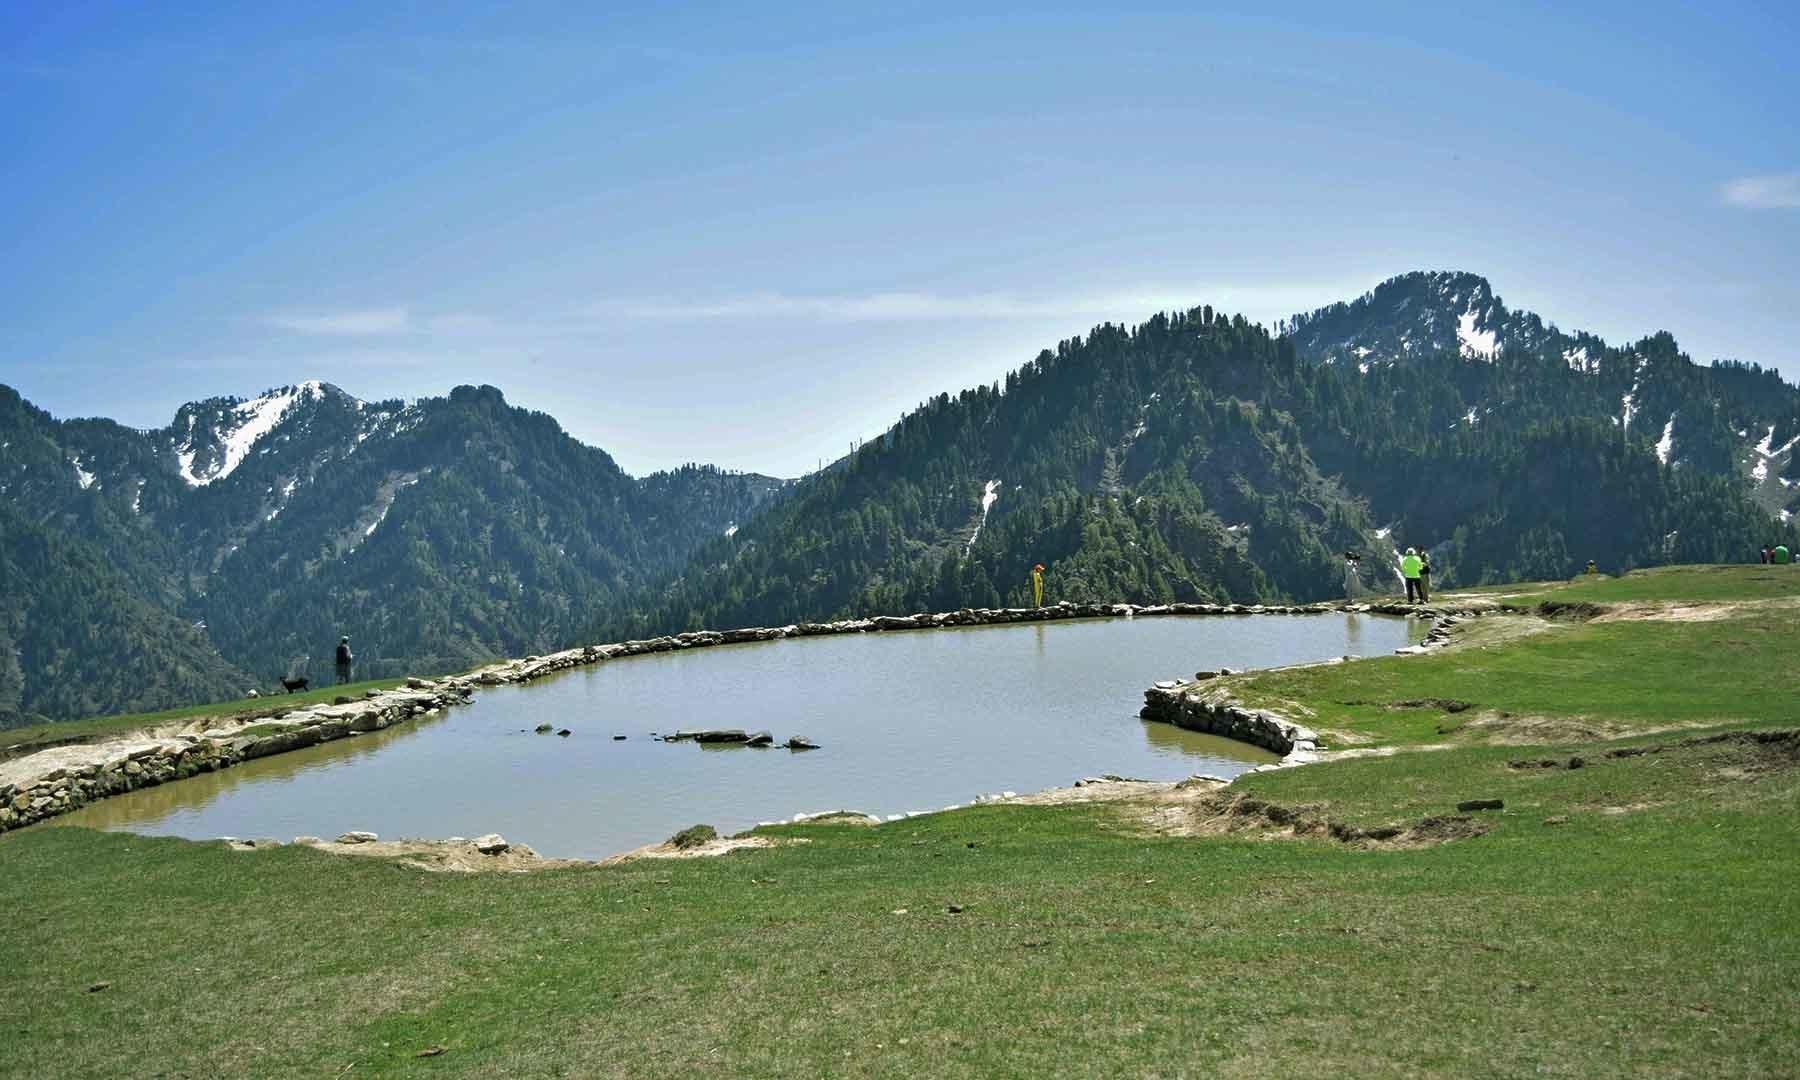 سرے شاہ سر کی بارانی جھیل— تصویر امجد علی سحاب